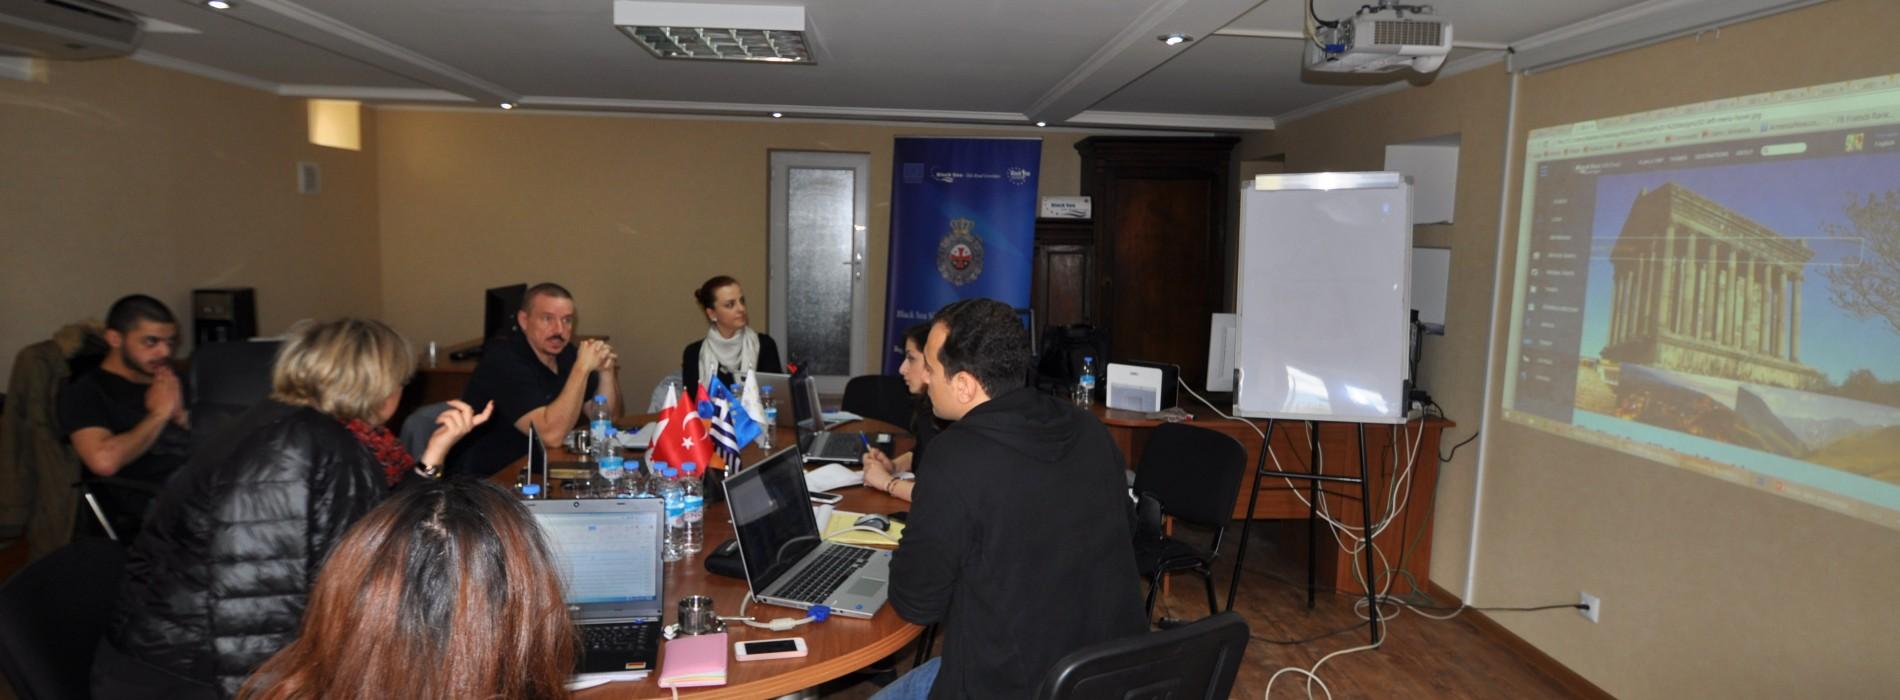 Karadeniz İpek Yolu Koridoru 5. Proje Toplantısı Gerçekleştirildi.